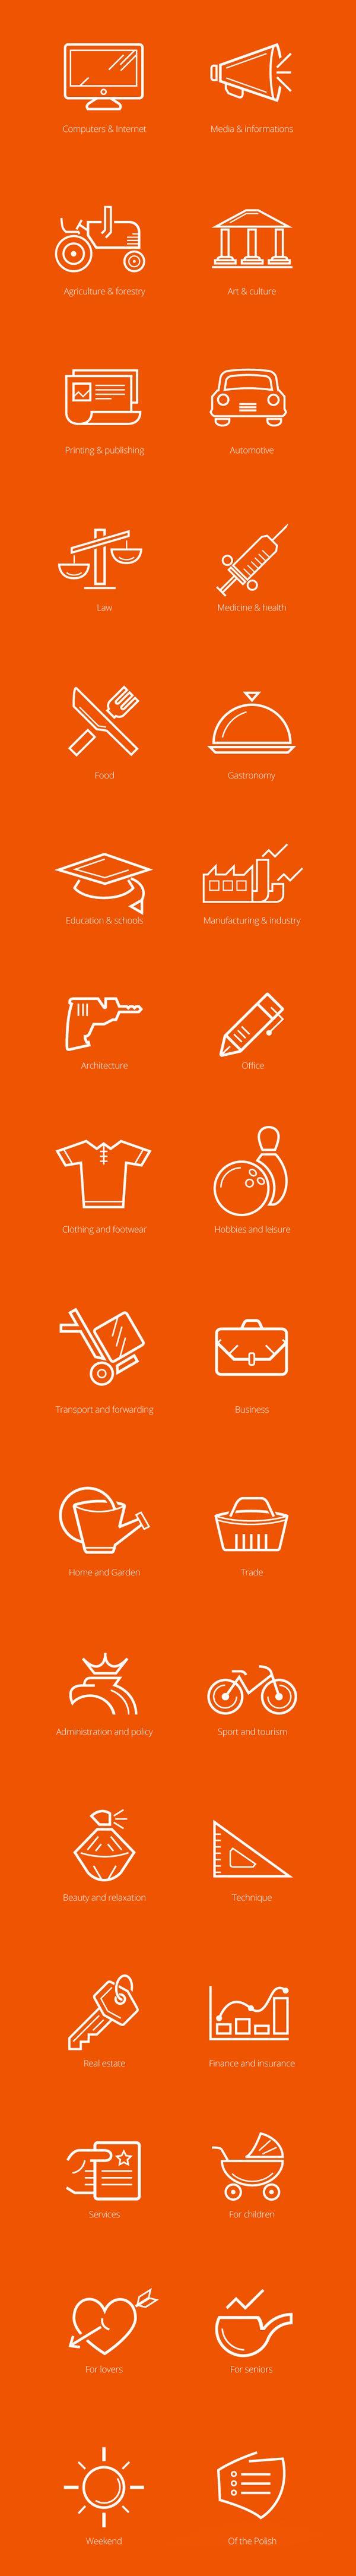 Firmy.net - Icons